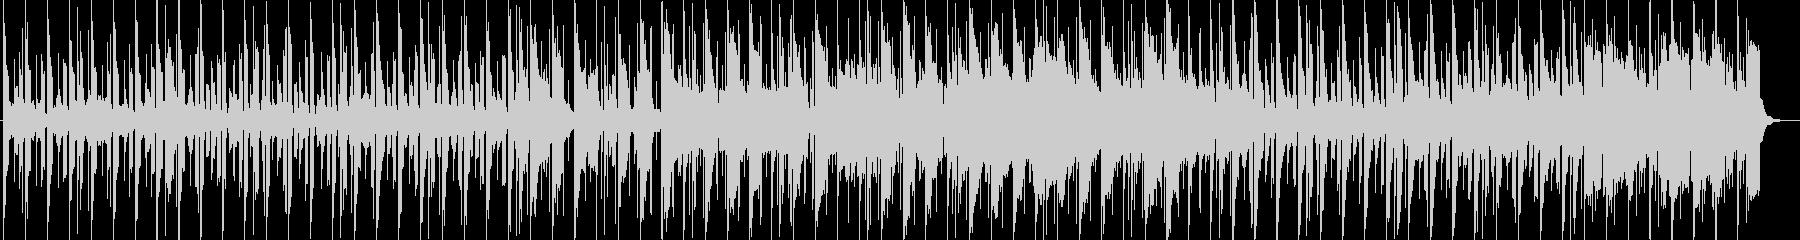 スローテンポのキラめくインストポップスの未再生の波形